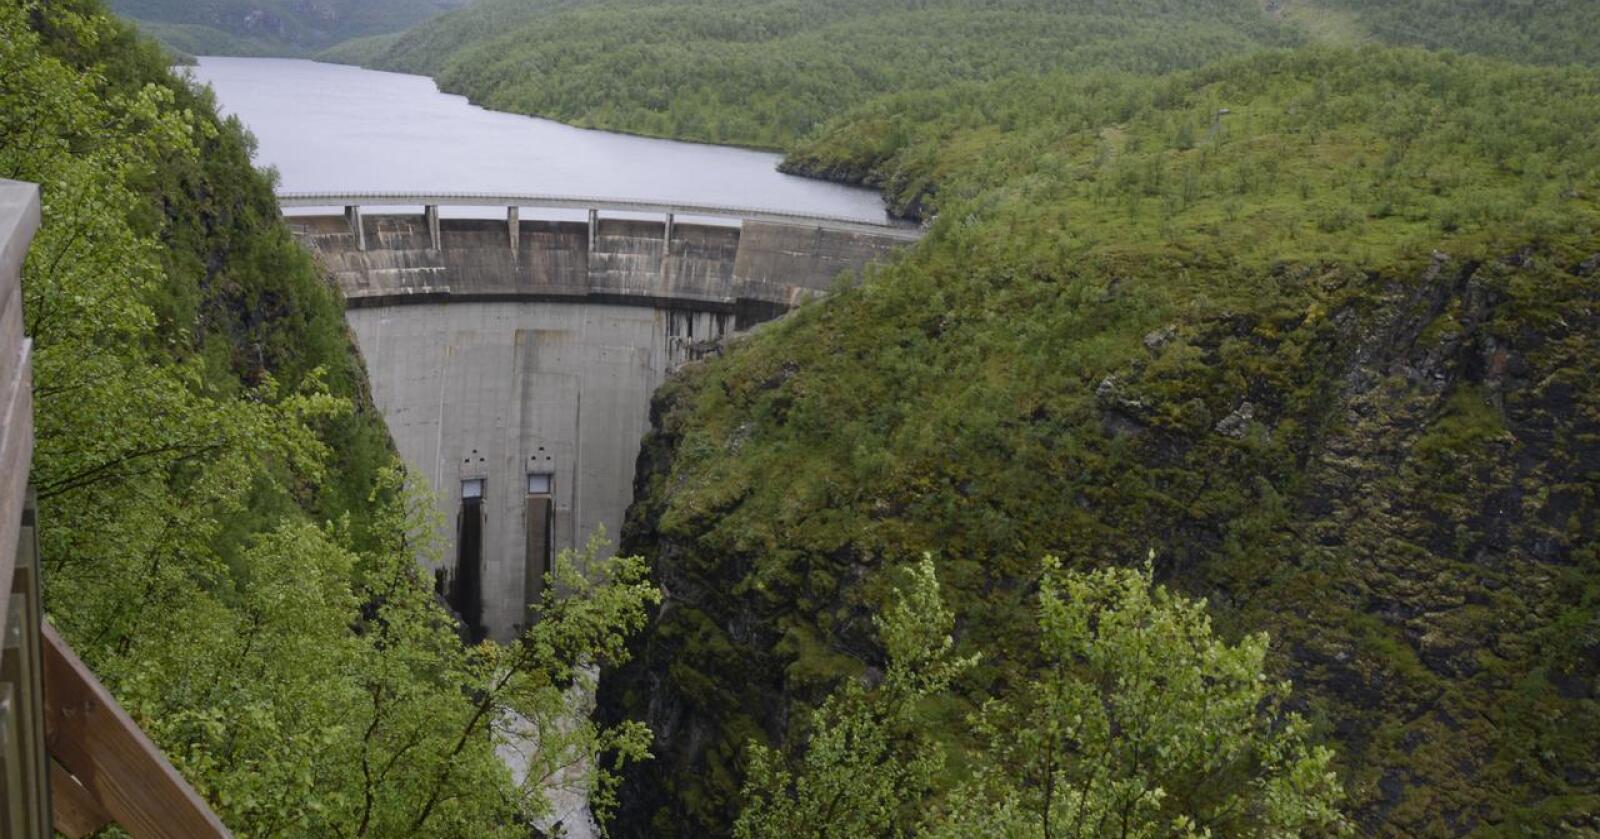 Alta kraftverk: Vannkraften er en naturressurs som tilhører fellesskapet. Men er det tilstrekkelig demokratisk styring med bruken av den? Foto: Mariann Tvete.